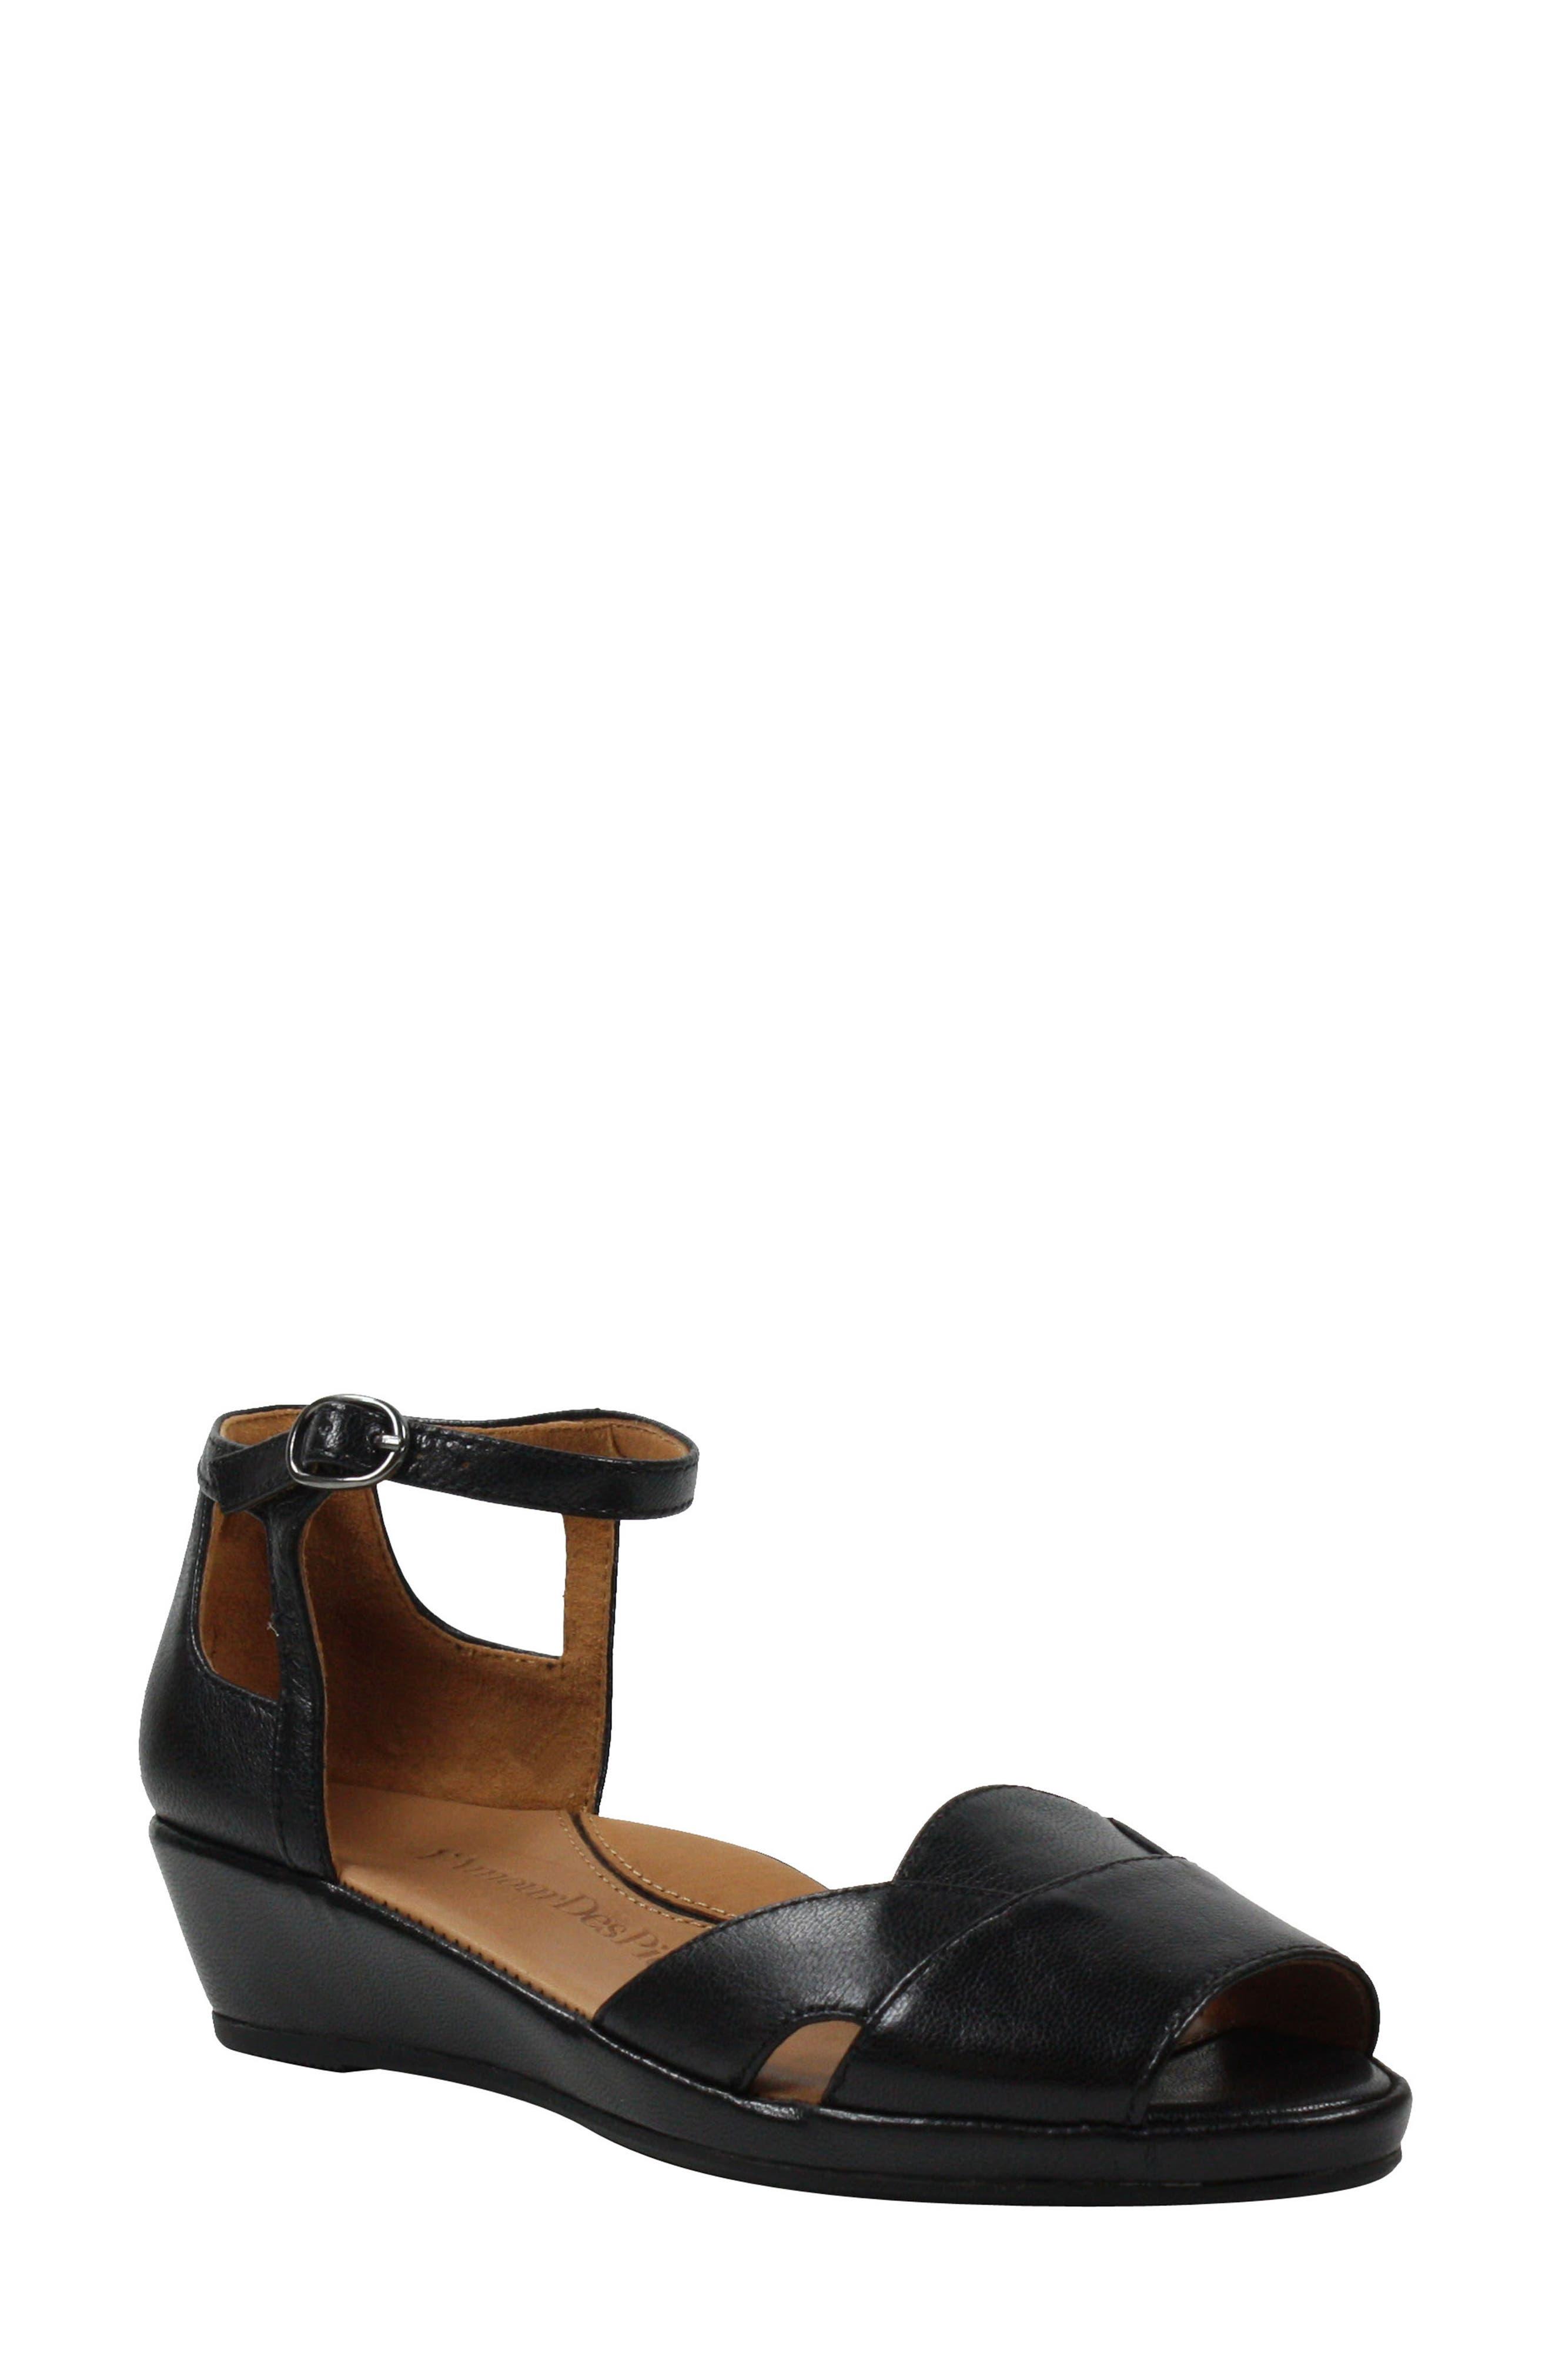 L'AMOUR DES PIEDS Betterton Sandal, Main, color, BLACK LEATHER